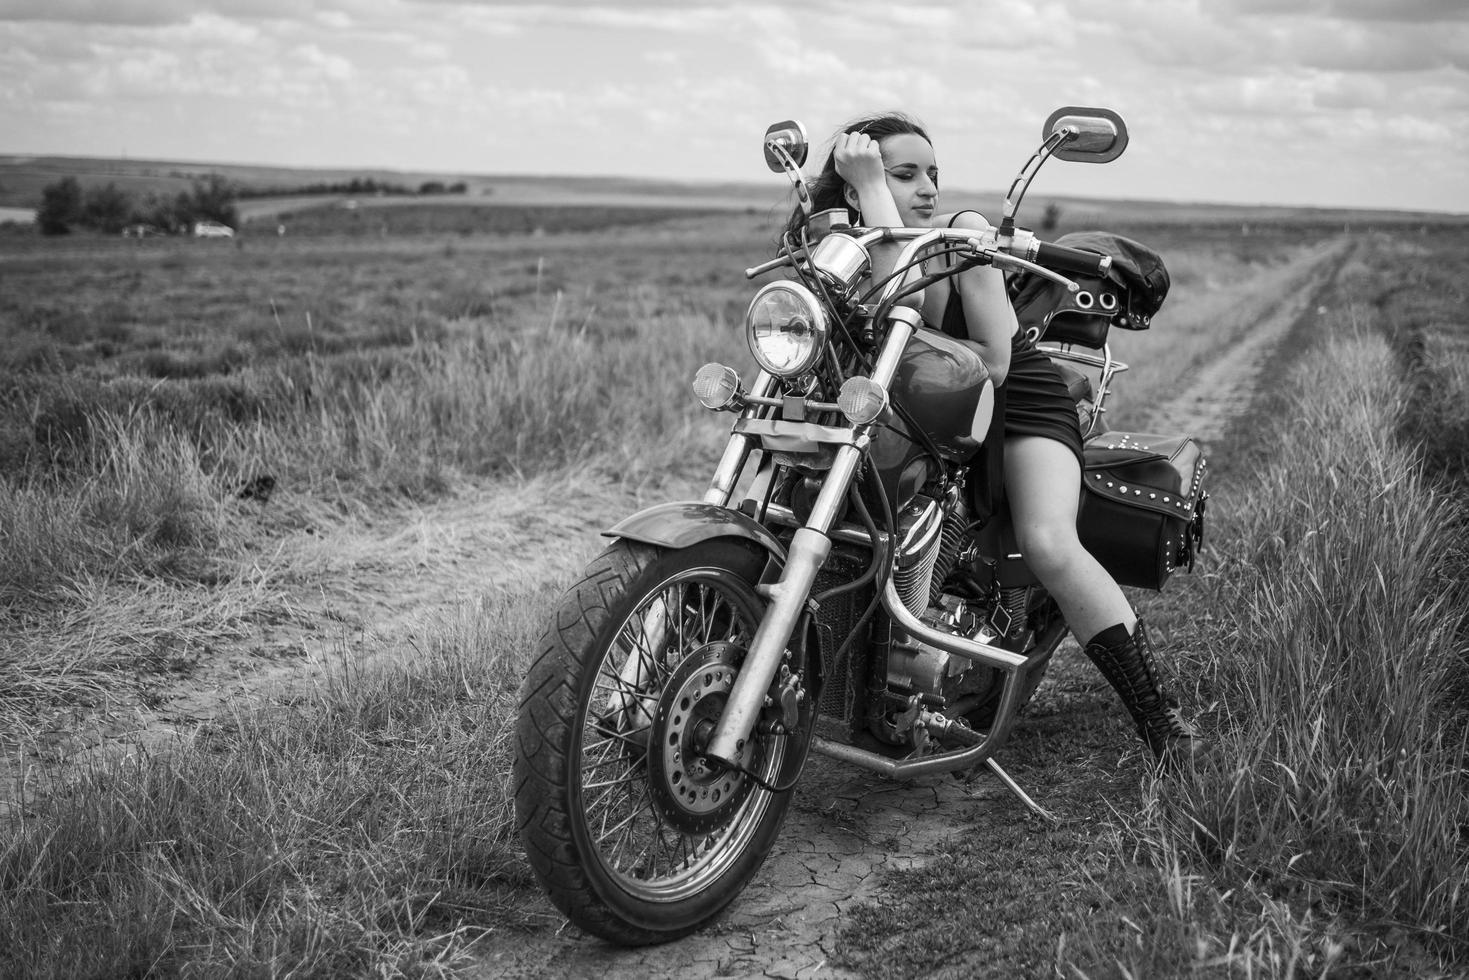 Morena ciclista en una motocicleta en la chaqueta de cuero negro campo lavanda contra el cielo con nubes foto